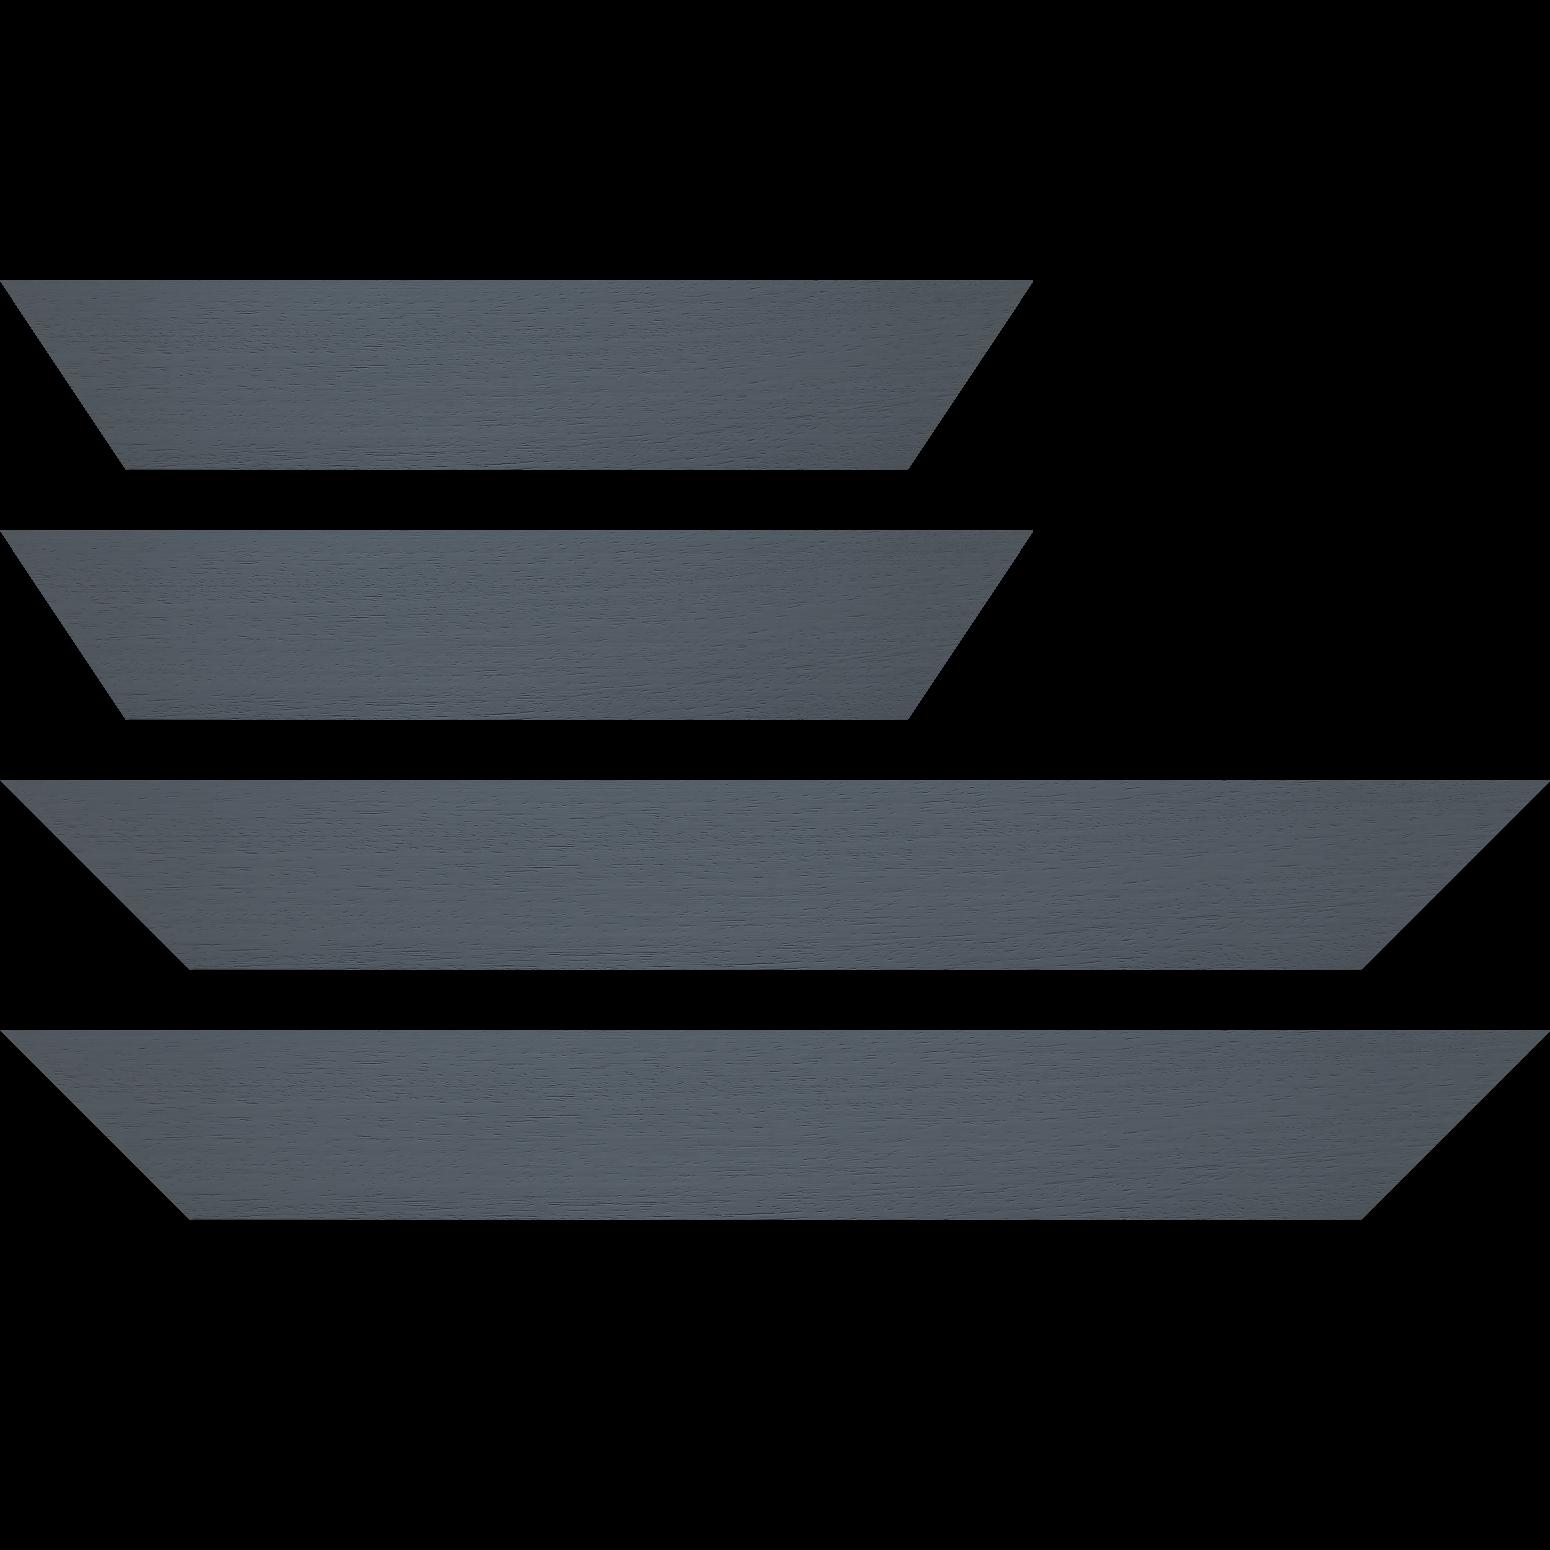 Baguette service précoupé Bois profil plat largeur 5.9cm couleur gris foncé satiné